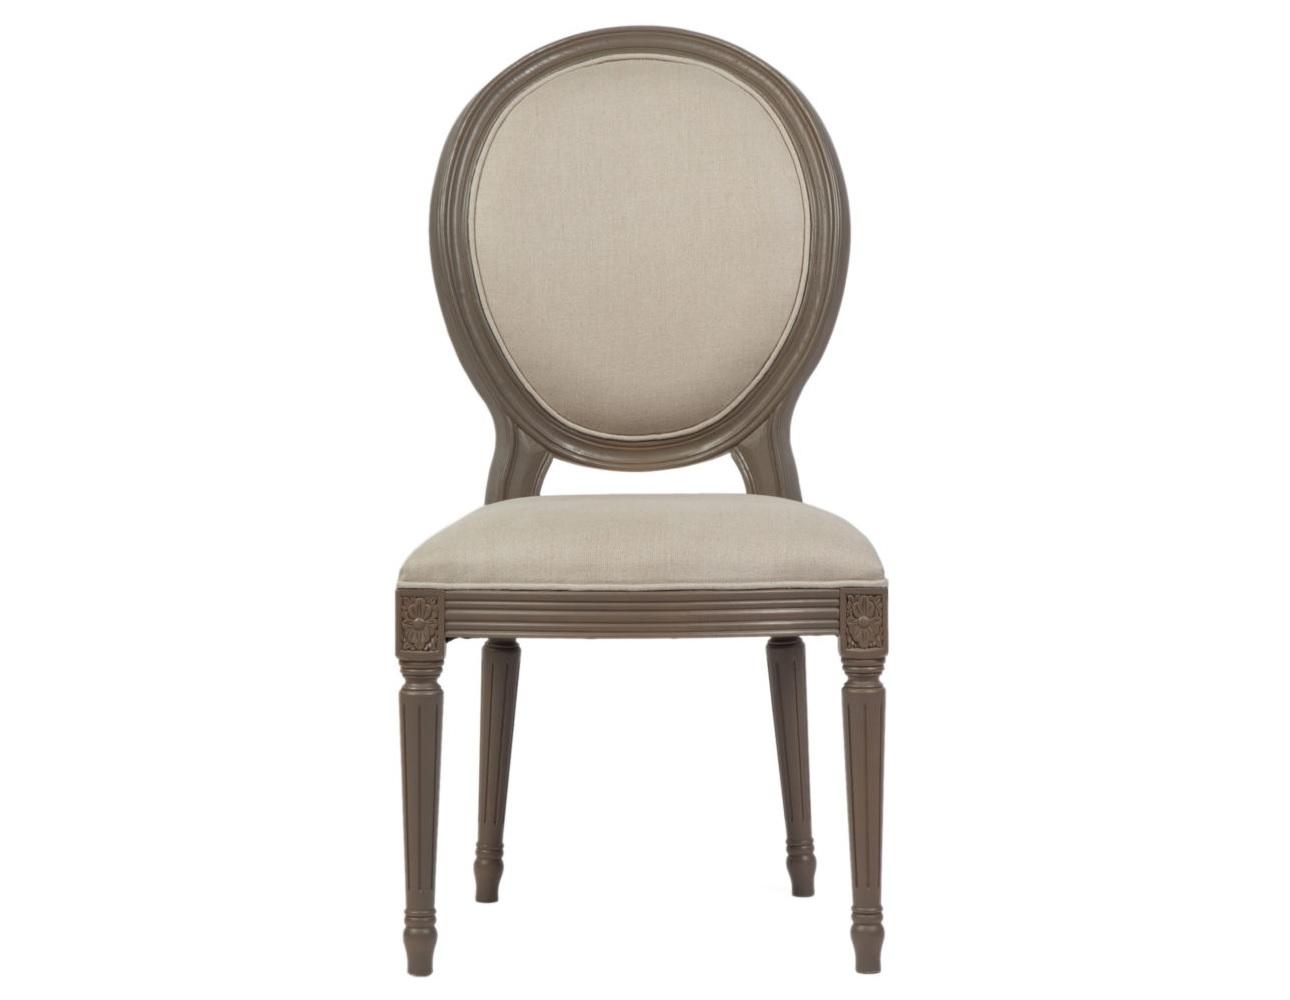 Стул CoffeeОбеденные стулья<br><br><br>Material: Текстиль<br>Ширина см: 60<br>Высота см: 97<br>Глубина см: 50